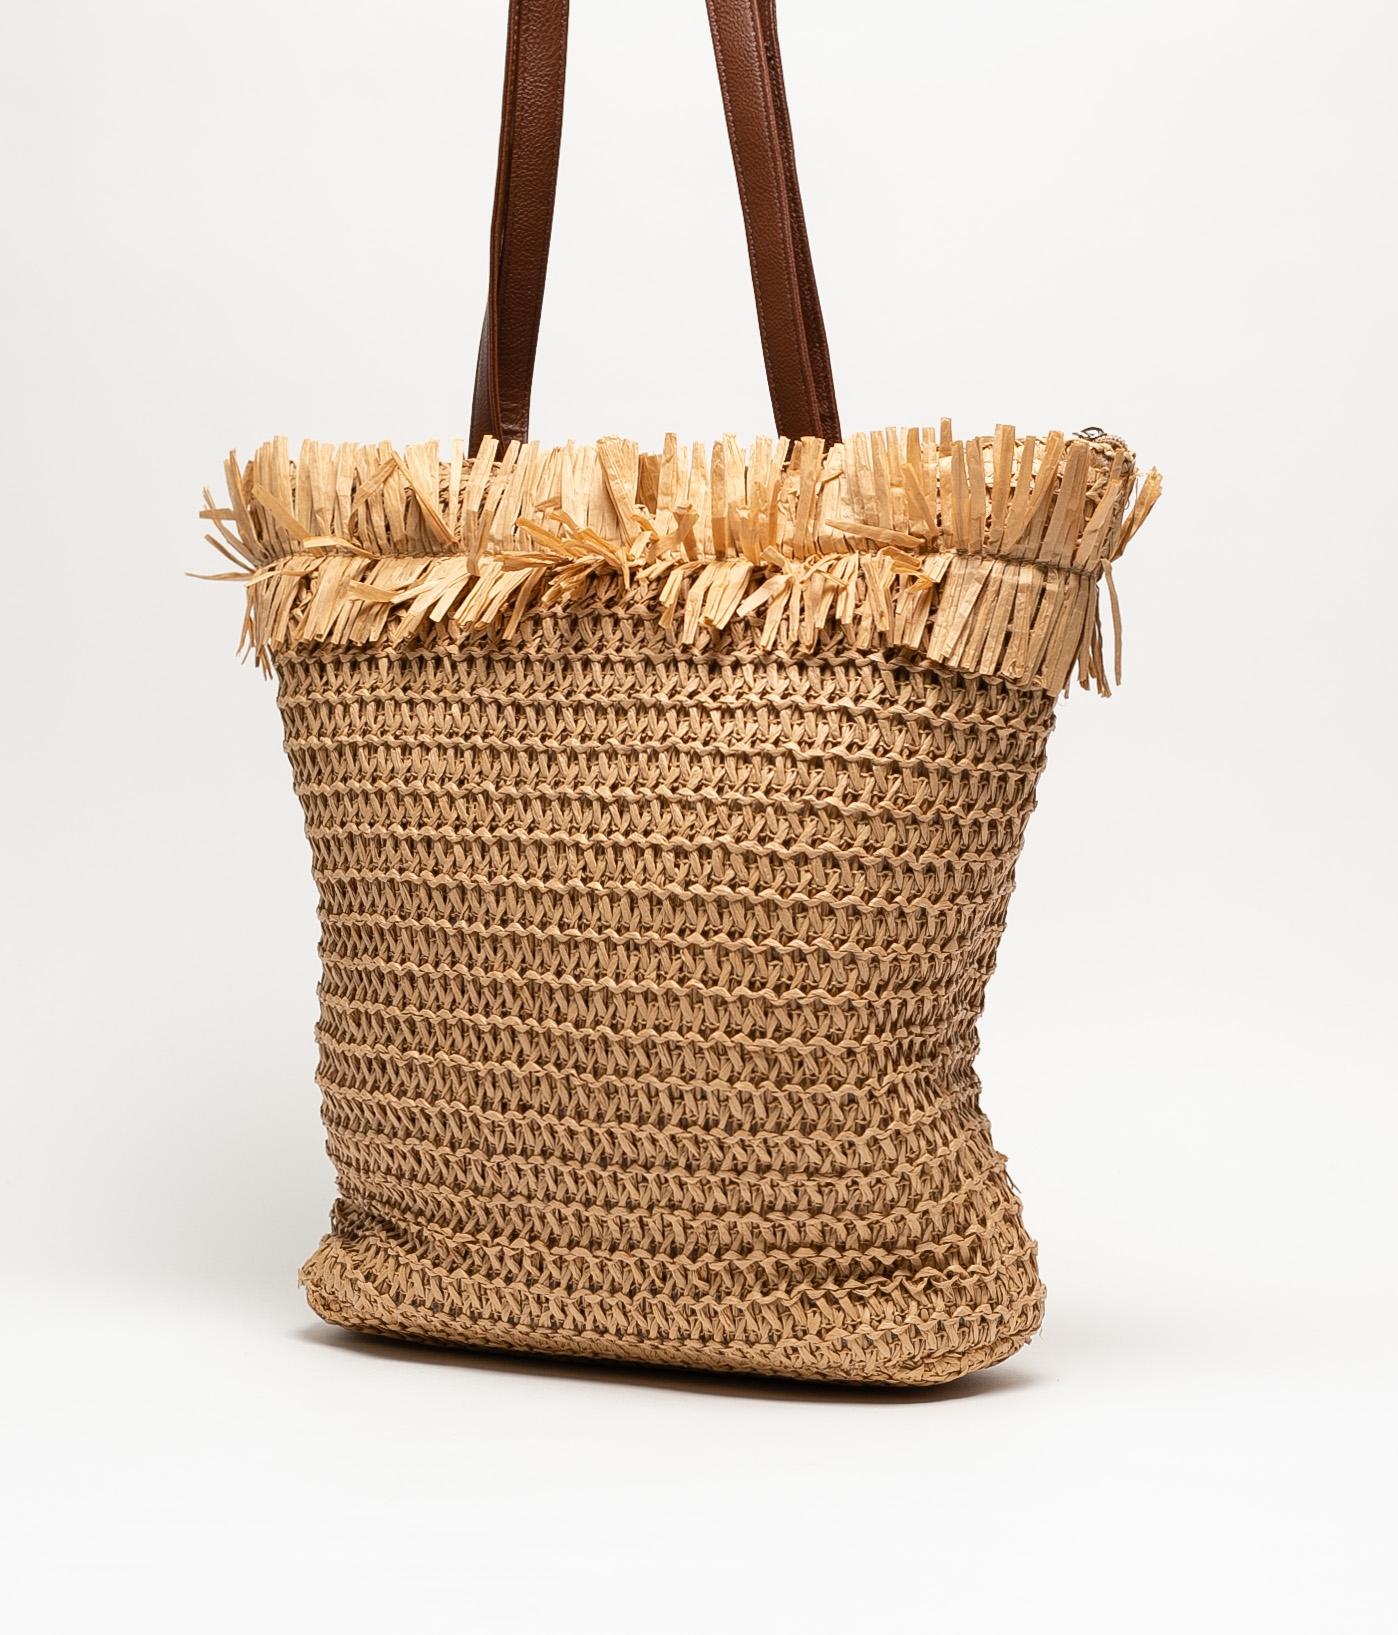 BAG ARETINA - BROWN